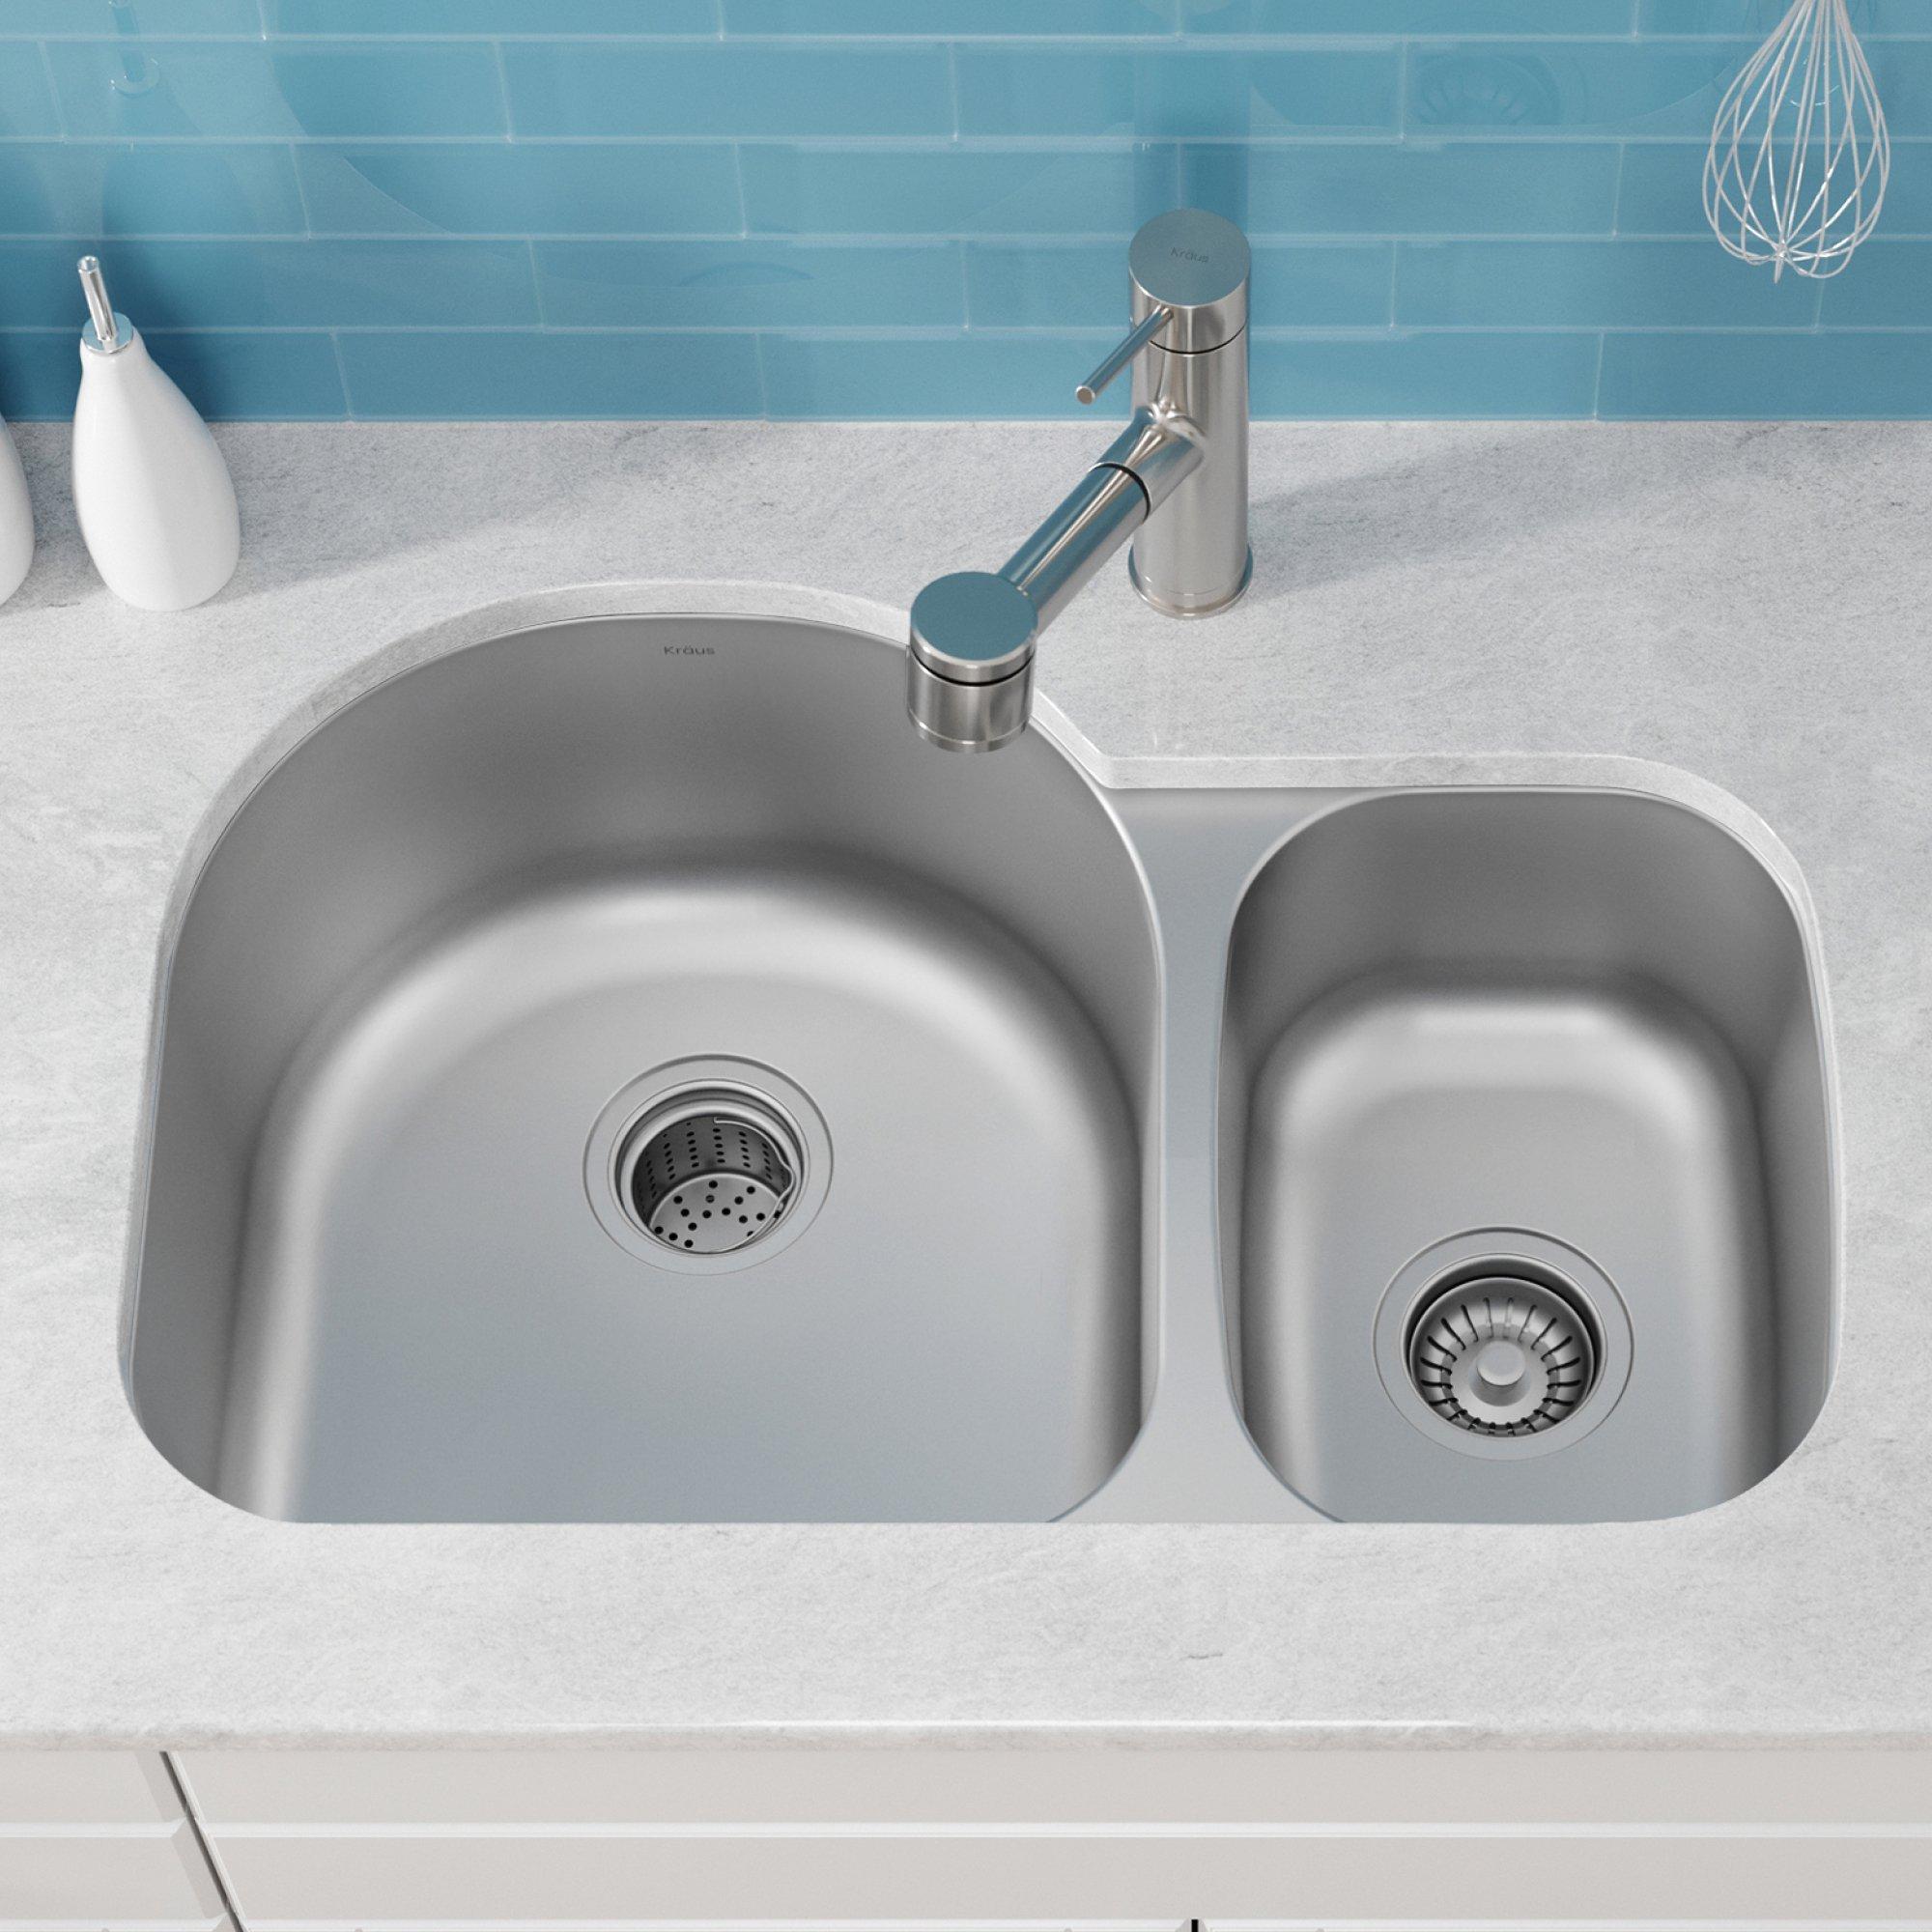 Kraus KBU21 30 inch Undermount 60/40 Double Bowl 16 gauge Stainless Steel Kitchen Sink by Kraus (Image #2)